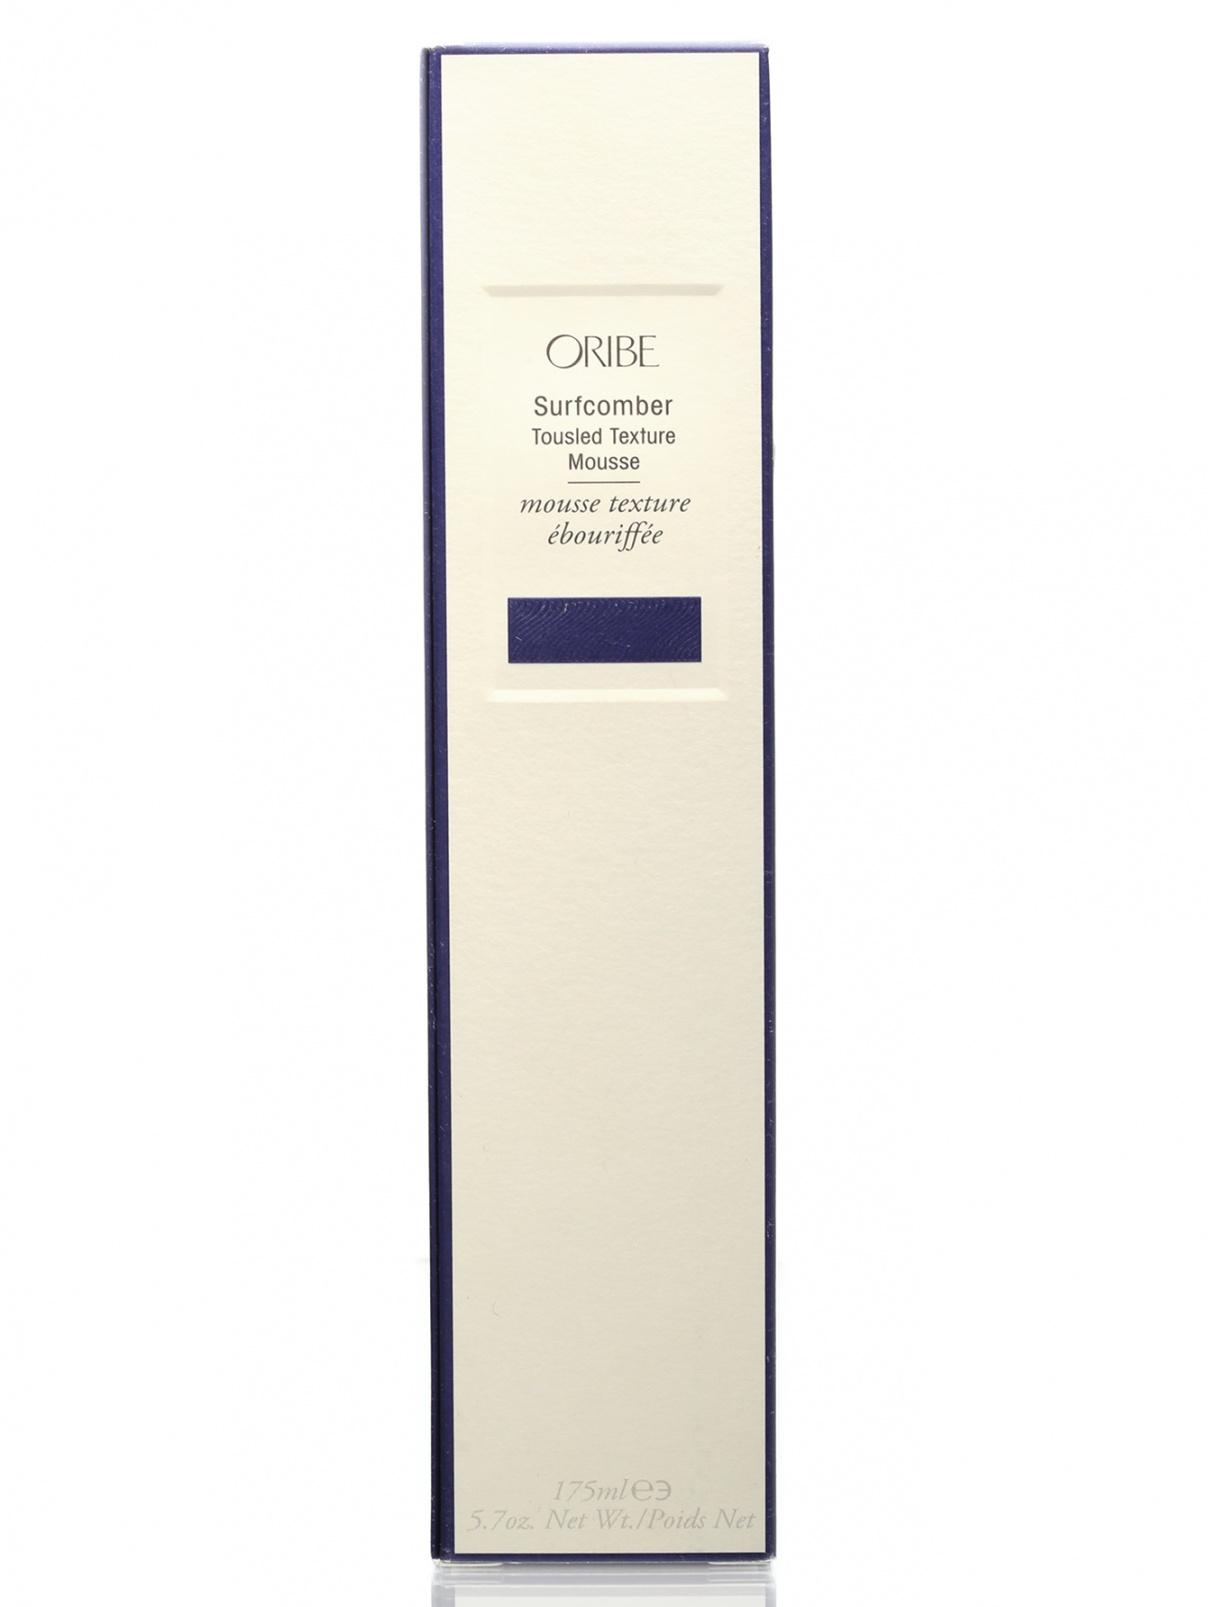 Текстурирующий мусс - Hair Care, 175ml Oribe  –  Модель Общий вид